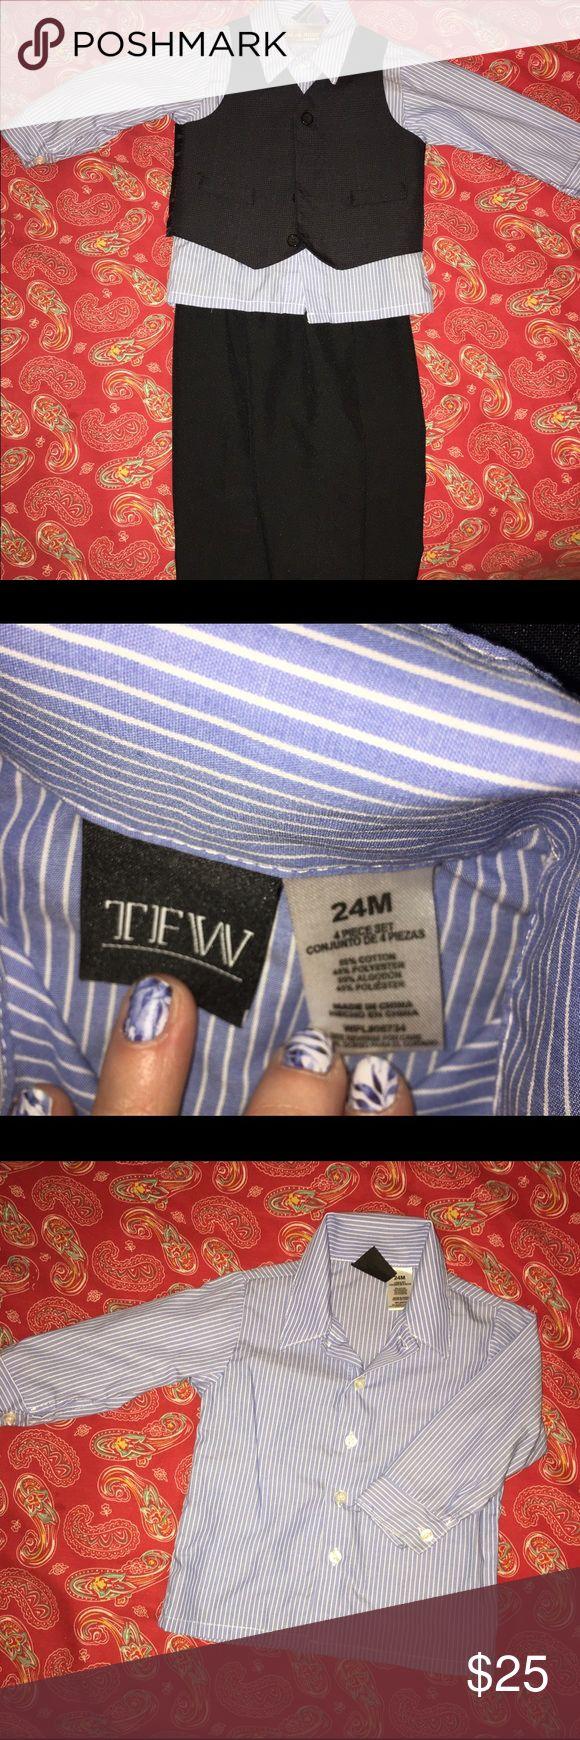 3 pc toddler suit 3 piece suit (shirt, vest, pants): blue striped button down LS shirt; vest (plaid - see pics for close up); elastic waist pants (plaid) TWD Other